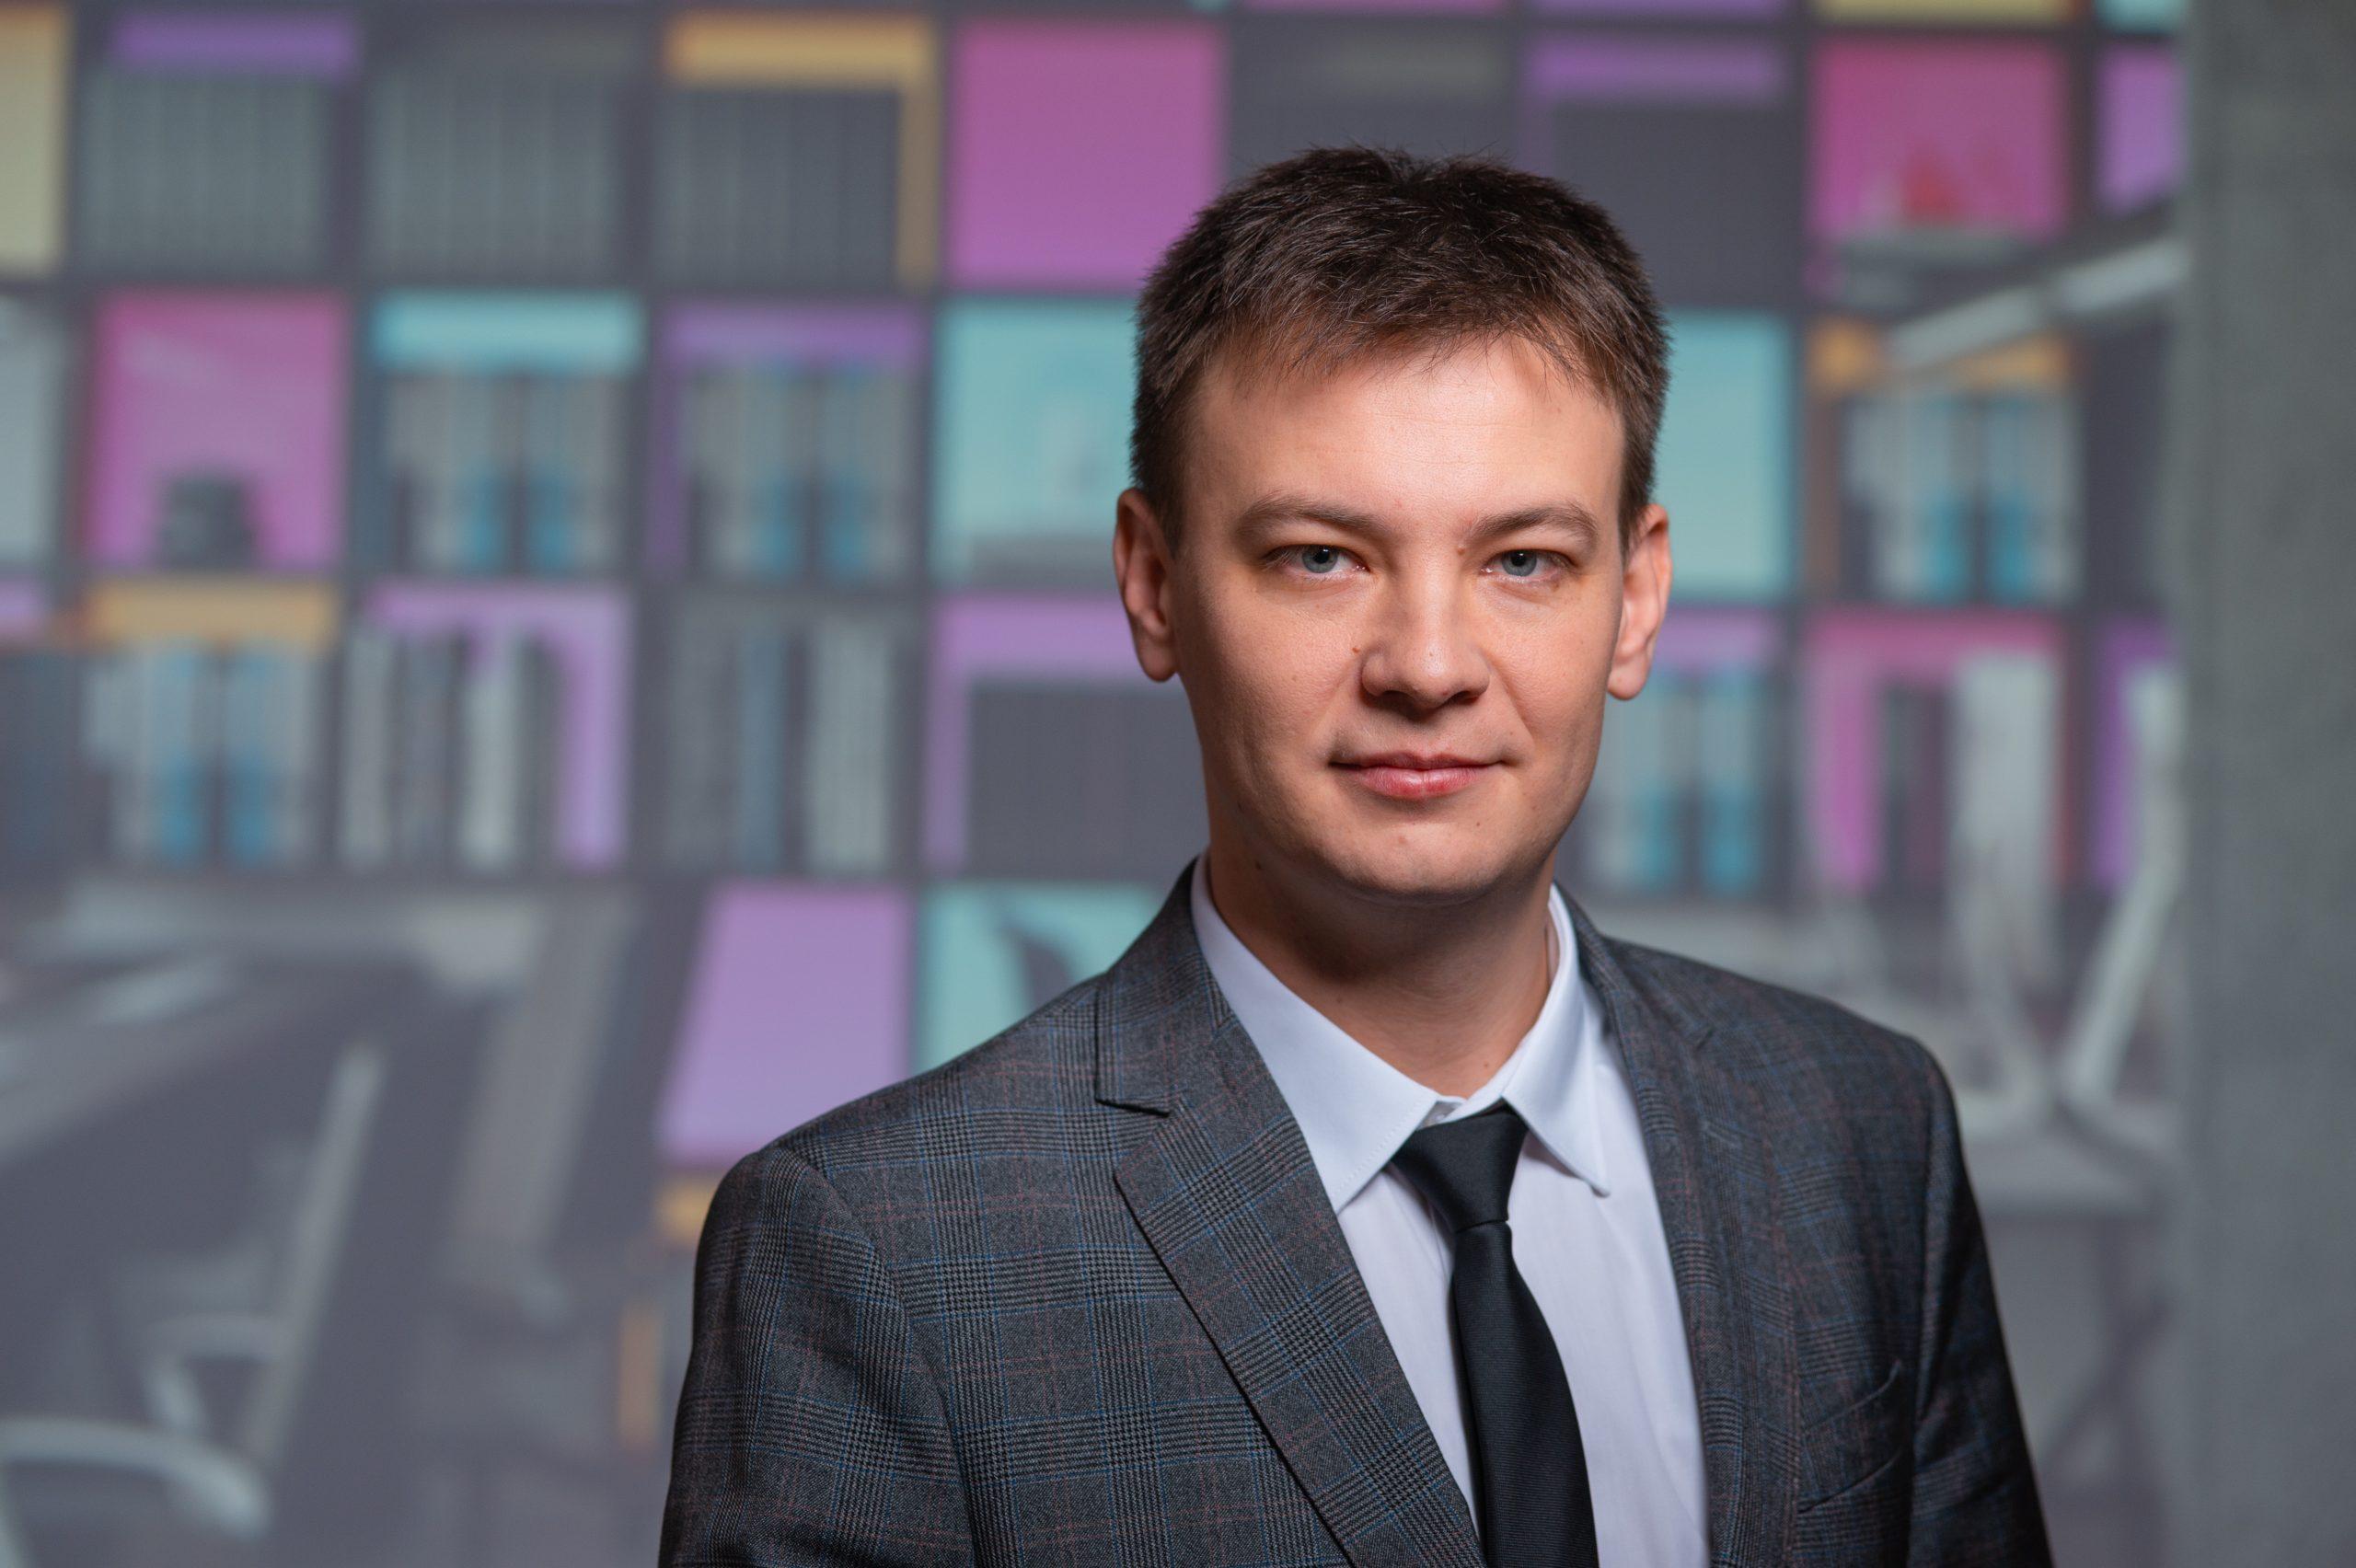 УРОЖАЙНЫЙ КОД: Михаил Иванов, IT-директор холдинга Cygnet, о том, как автоматизировать аграрный бизнес и собрать свой урожай